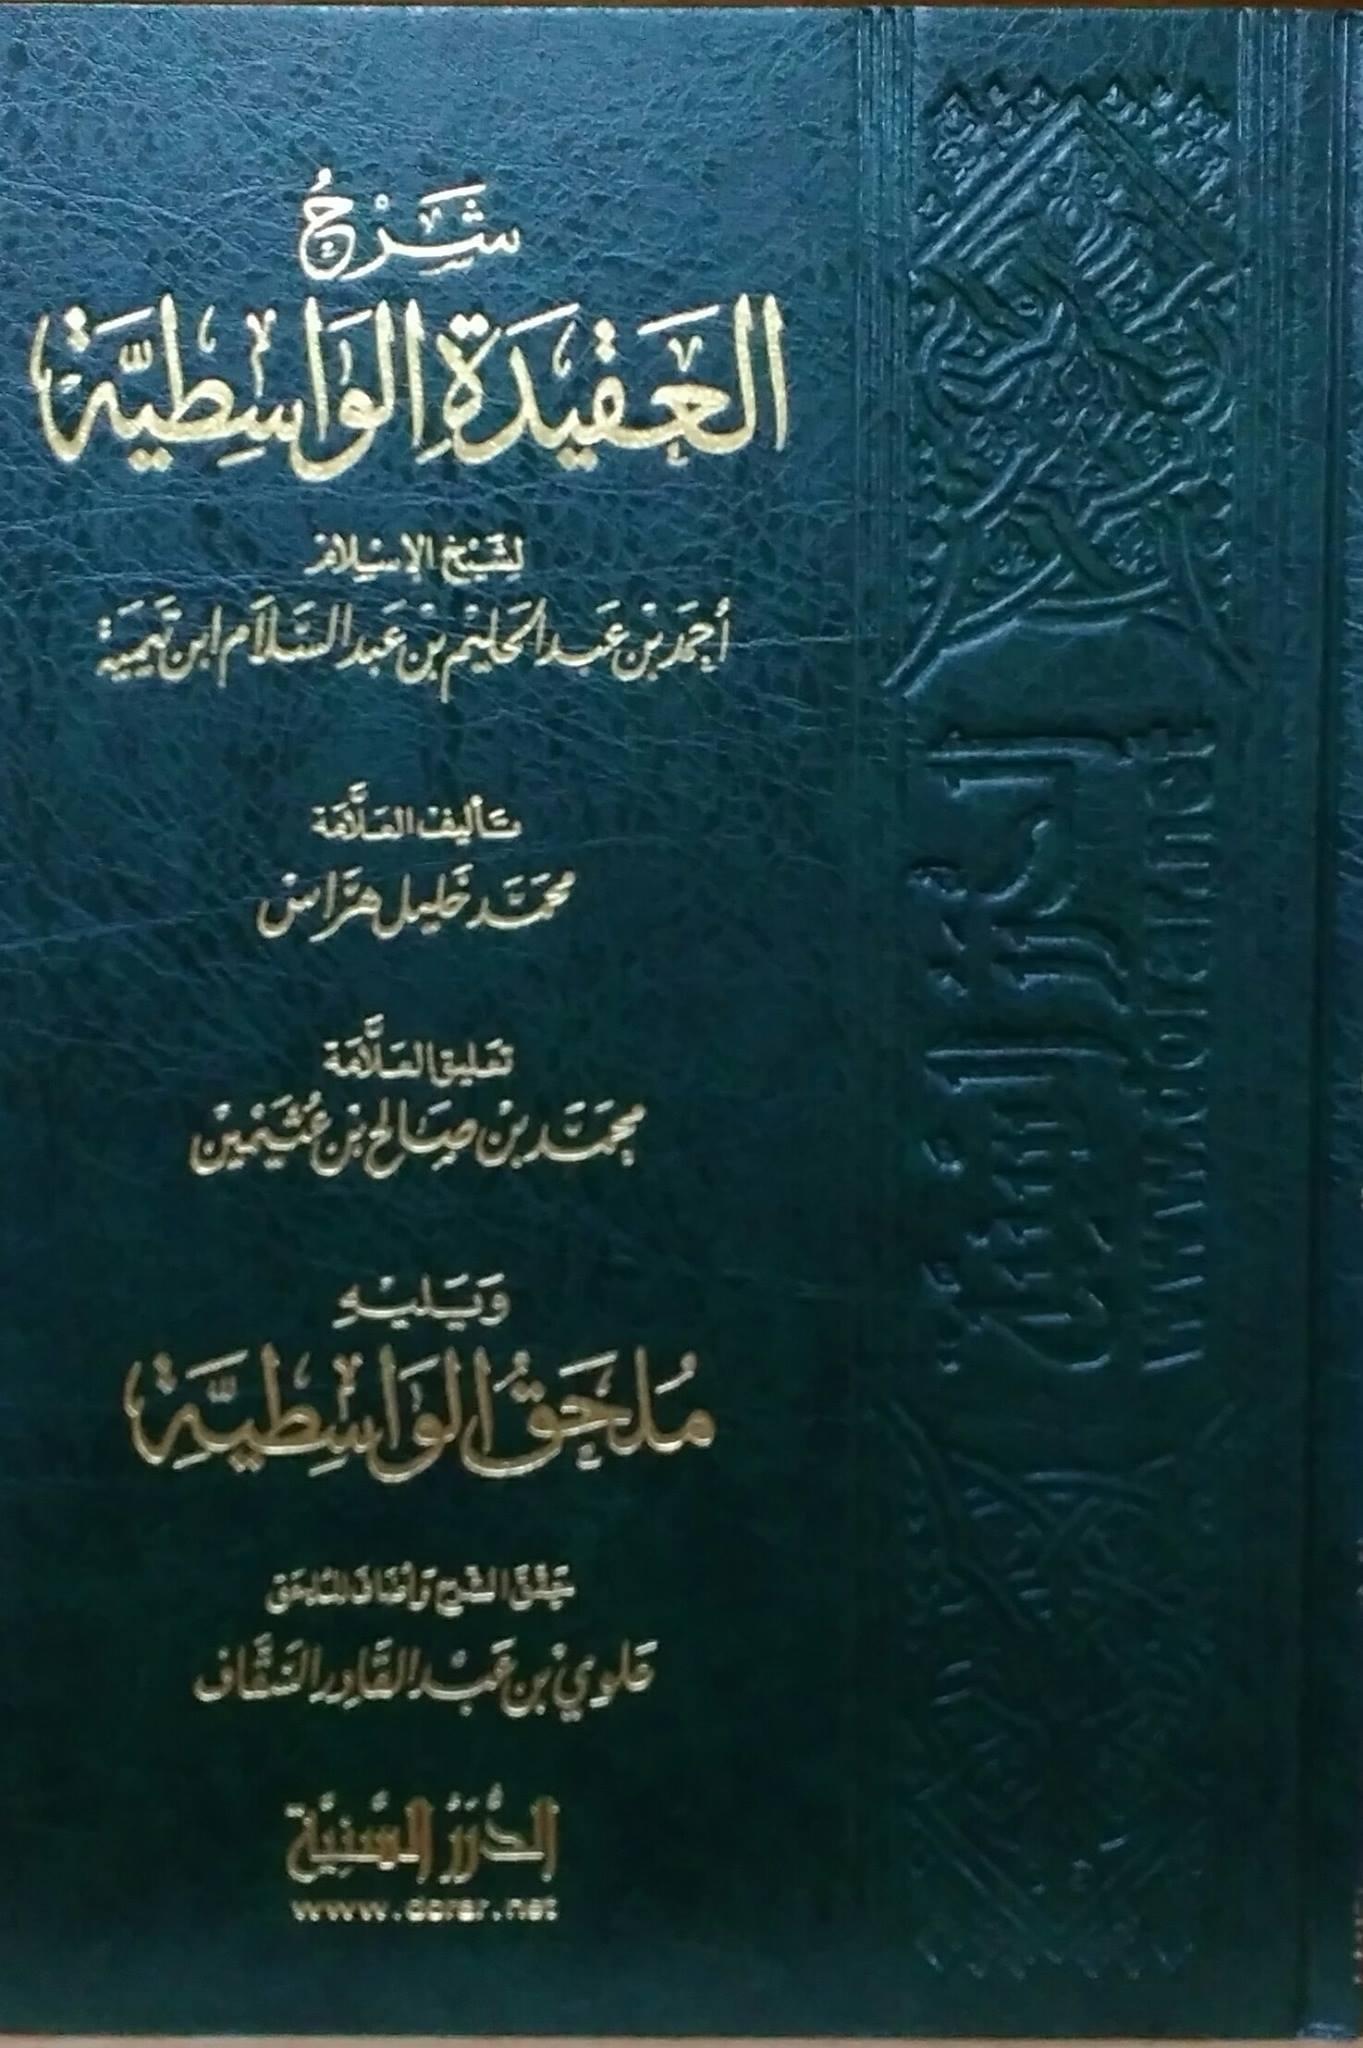 شرح العقيدة الواسطية لـ محمد خليل هراس